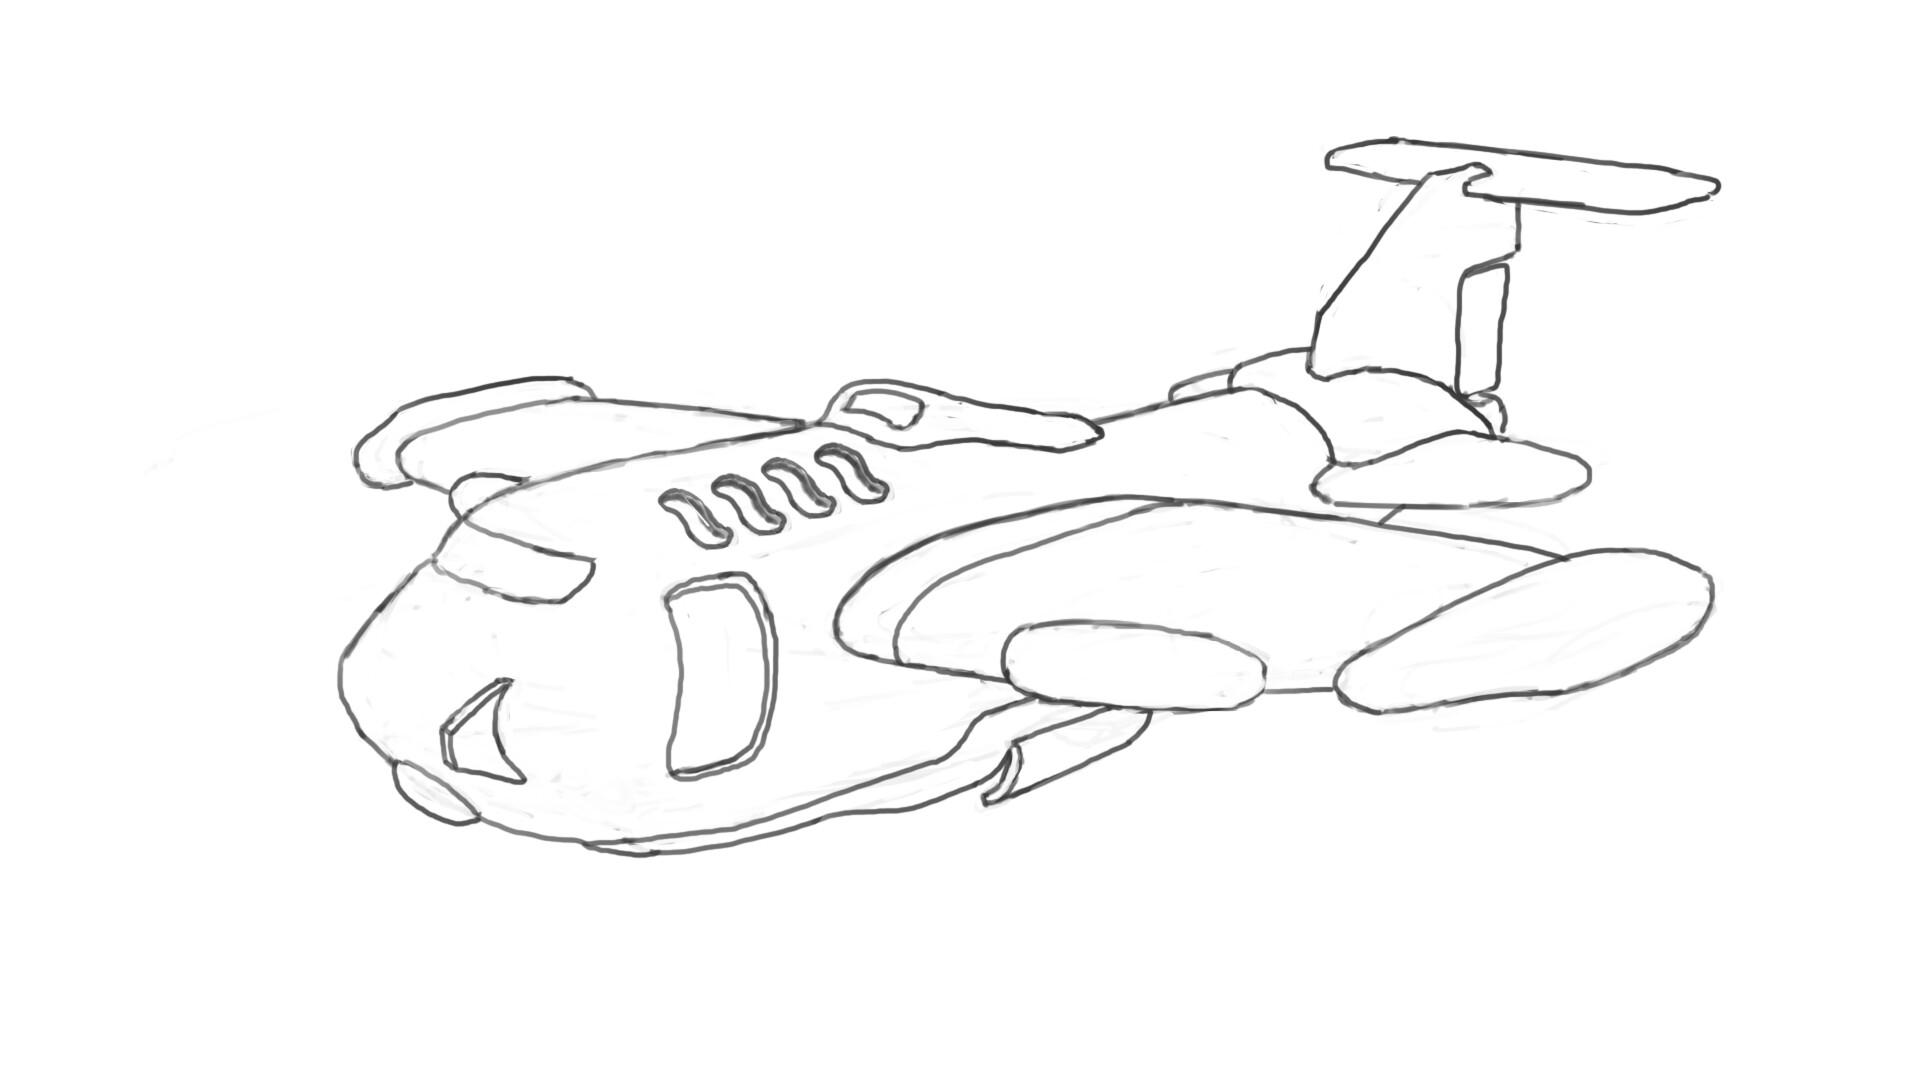 Alexander laheij drawing11 01